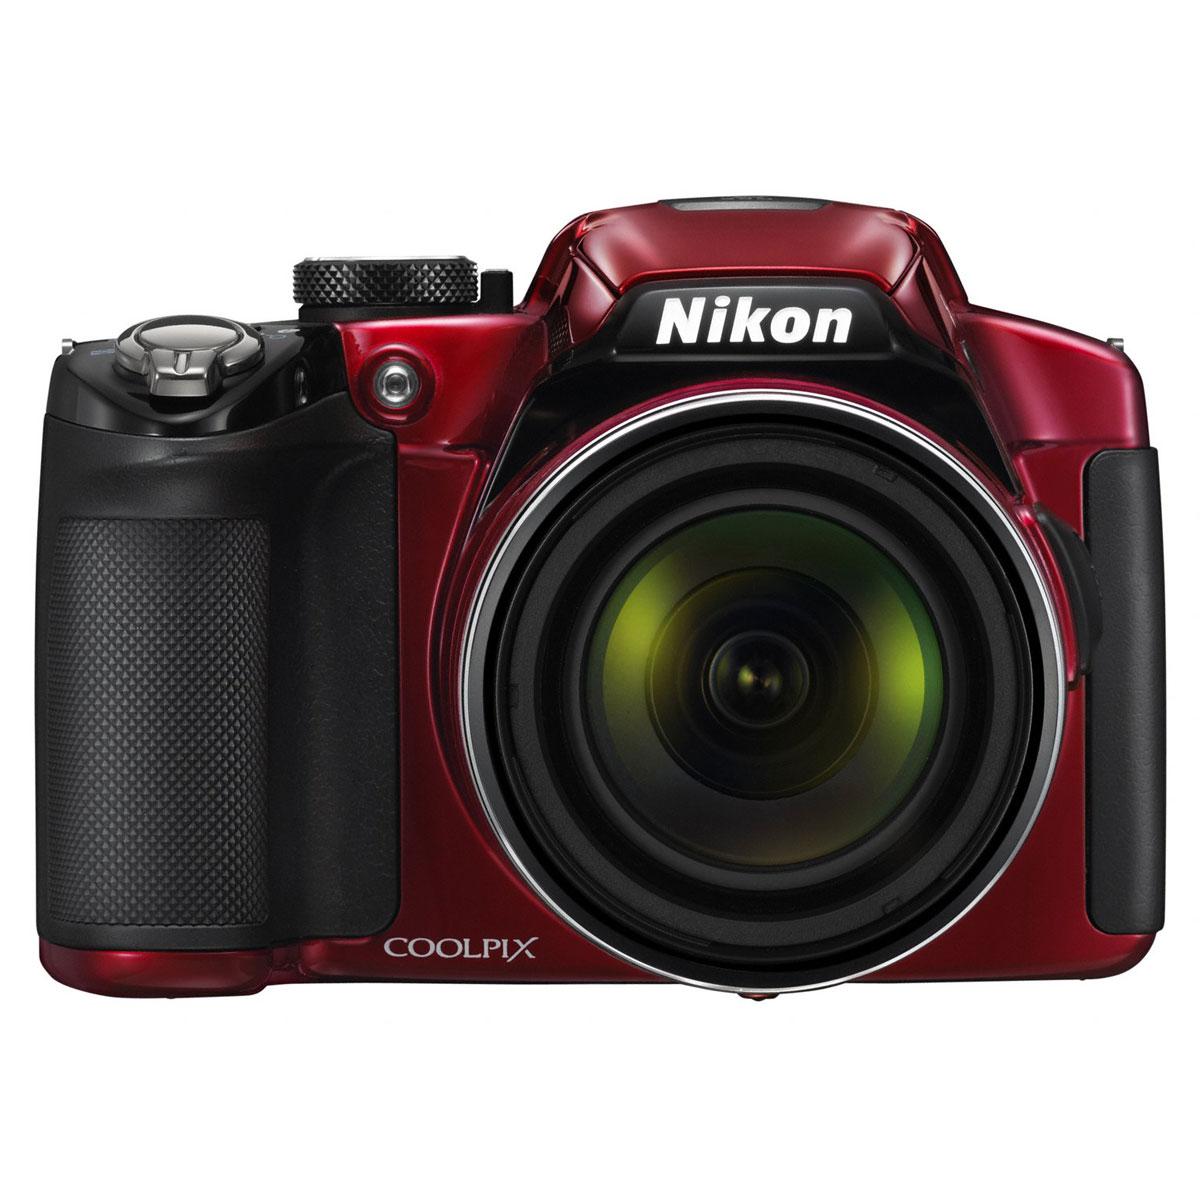 nikon coolpix p510 rouge appareil photo num rique nikon sur ldlc. Black Bedroom Furniture Sets. Home Design Ideas